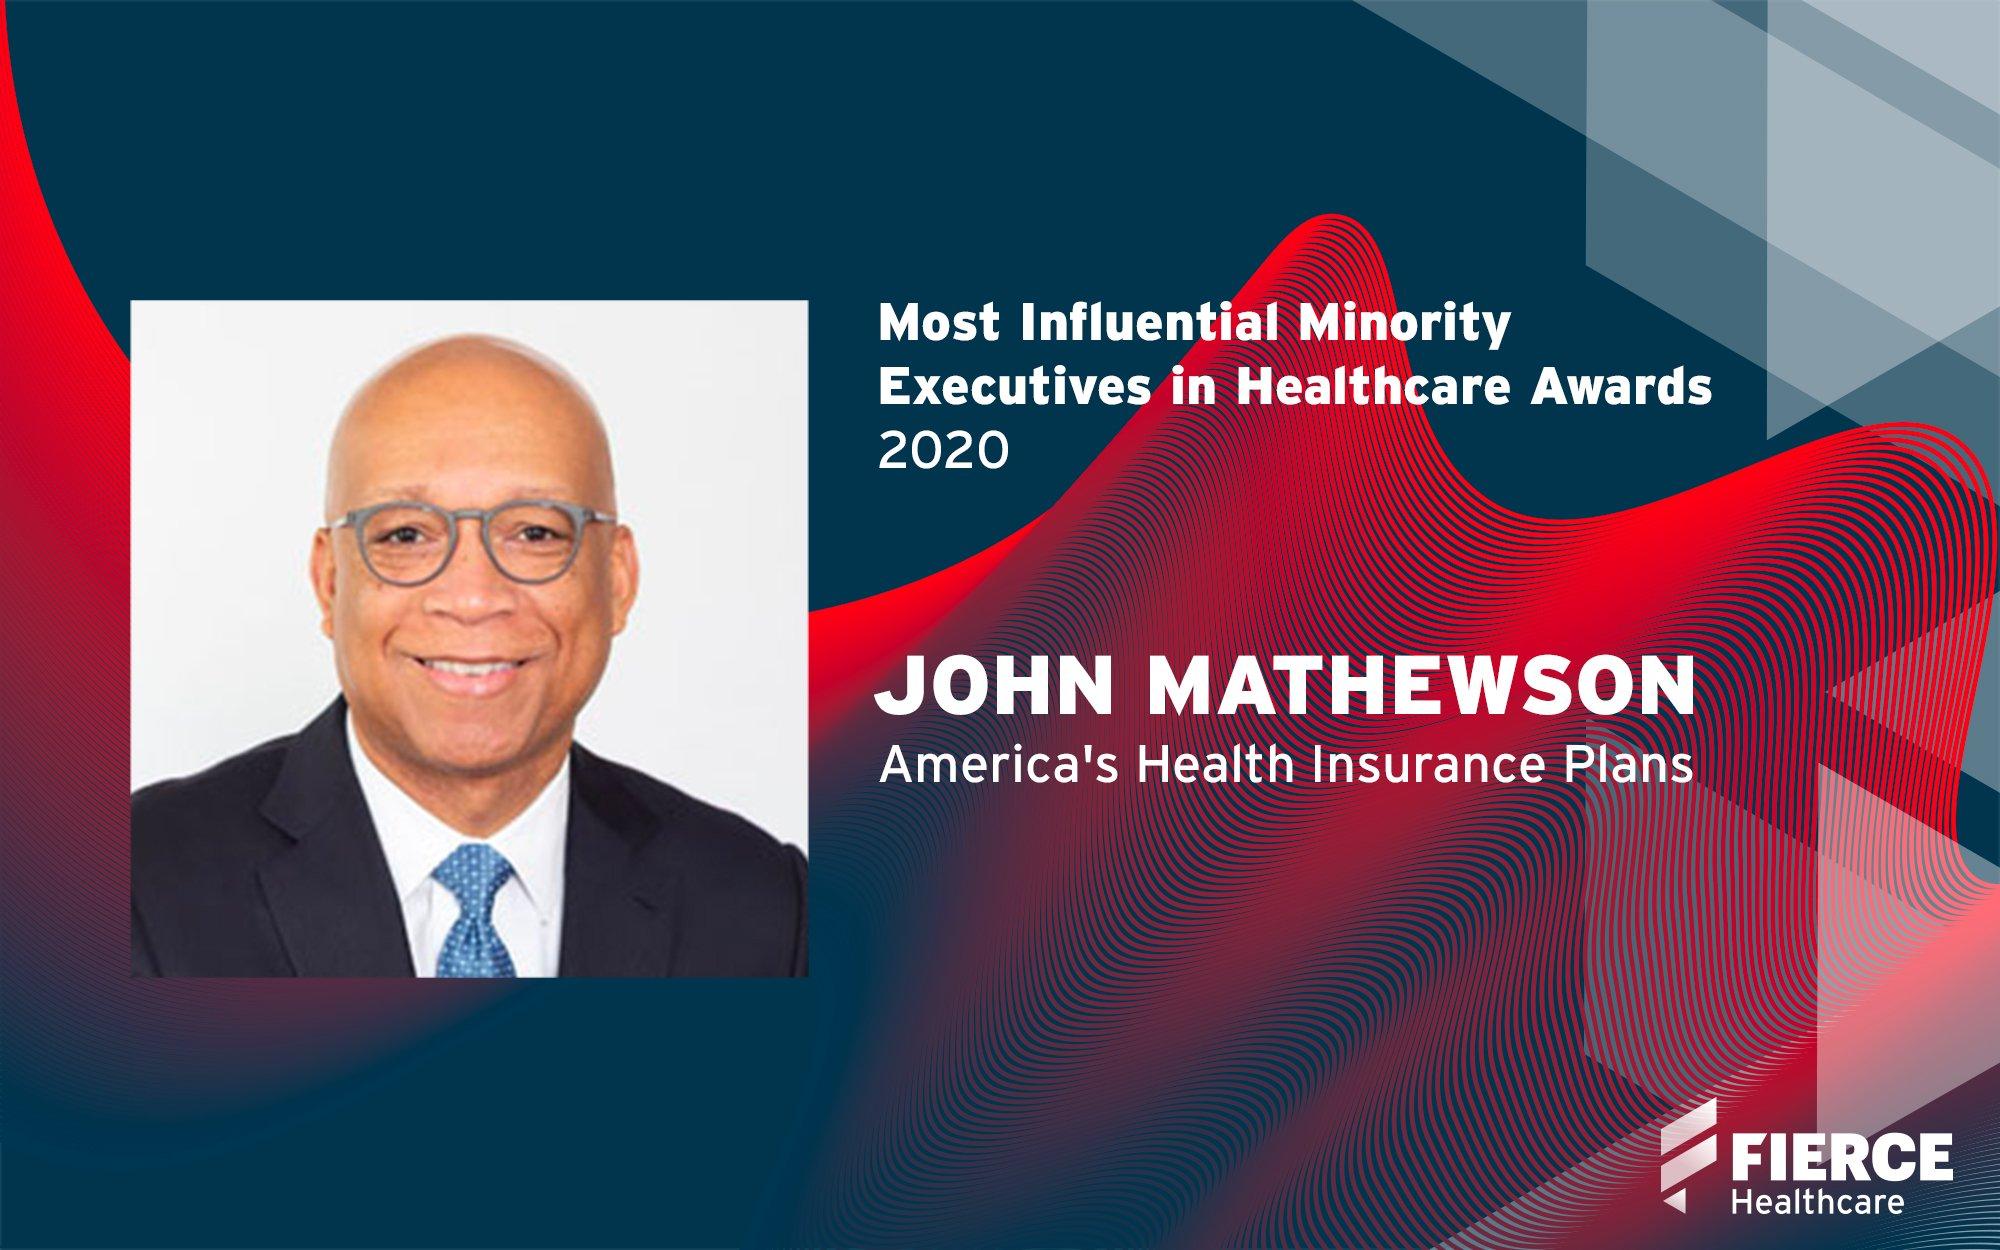 John Mathewson dari AHIP sedang membentuk perencanaan strategis asosiasi, fokus pada ekuitas